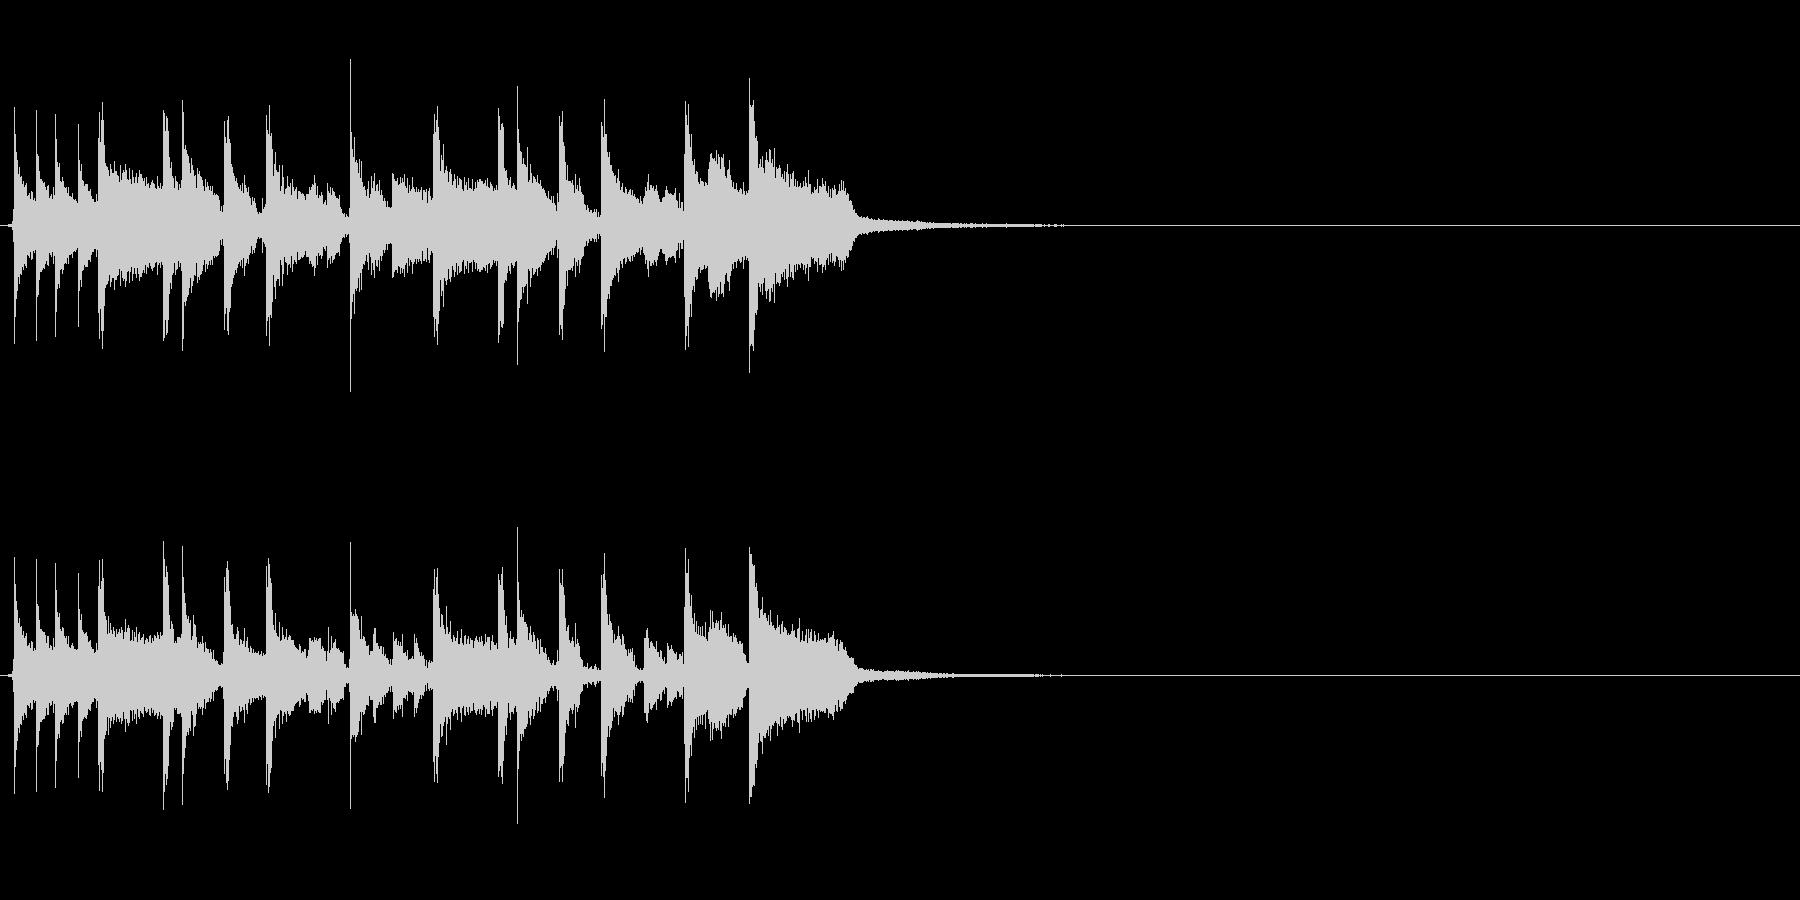 生演奏 ロックファンクなジングル2の未再生の波形